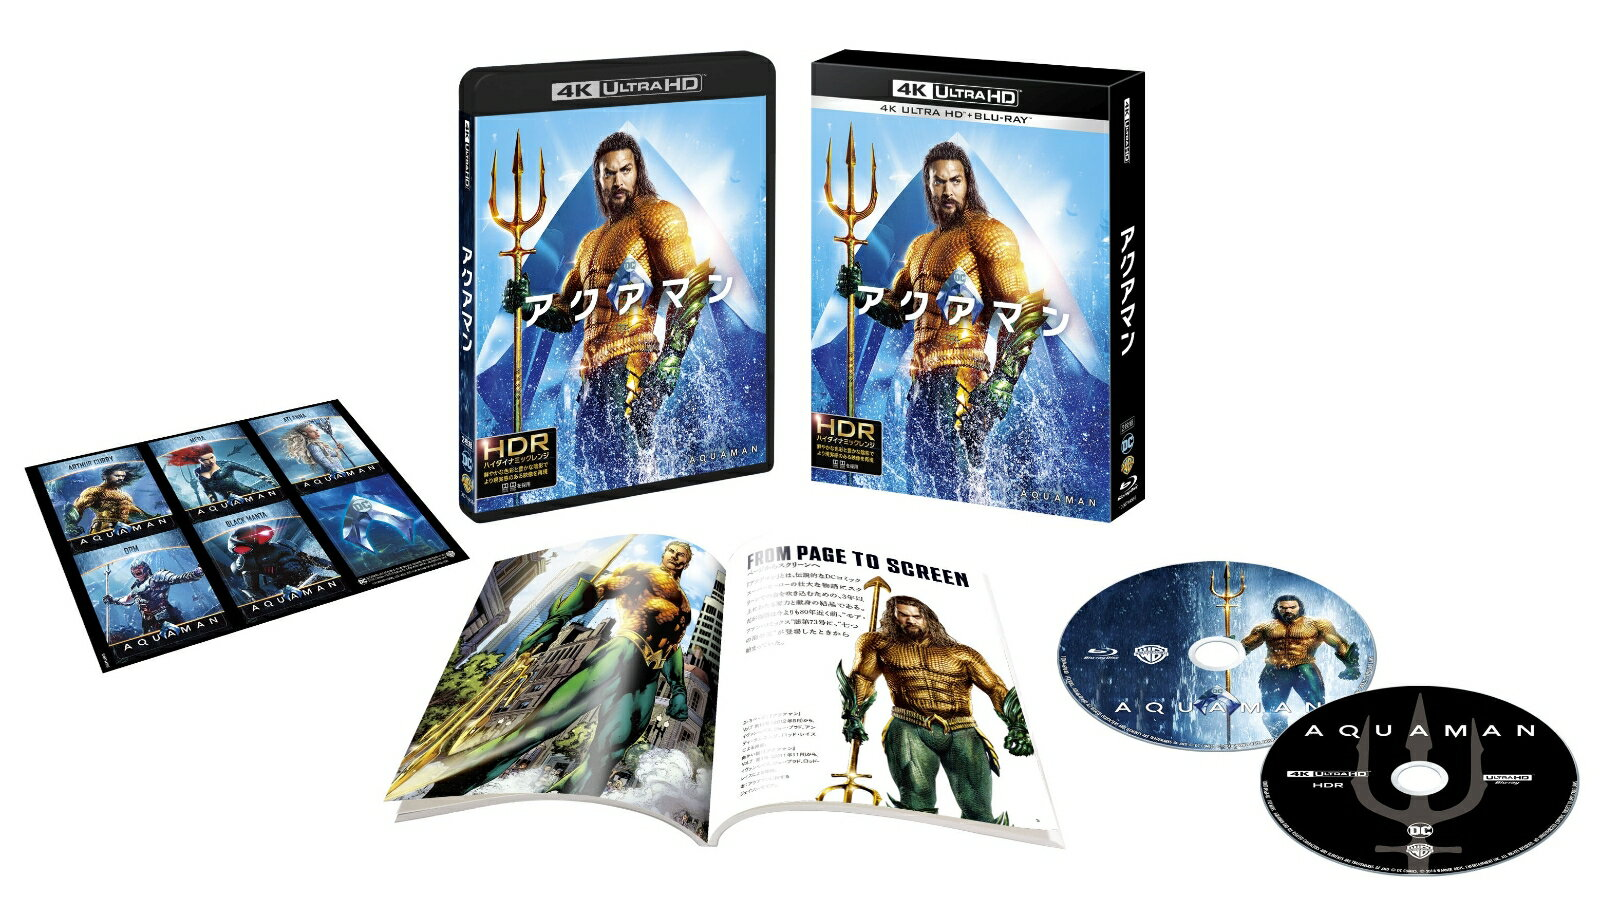 アクアマン <4K ULTRA HD&ブルーレイセット>(2枚組/ブックレット&キャラクターステッカー付)(初回仕様)【4K ULTRA HD】